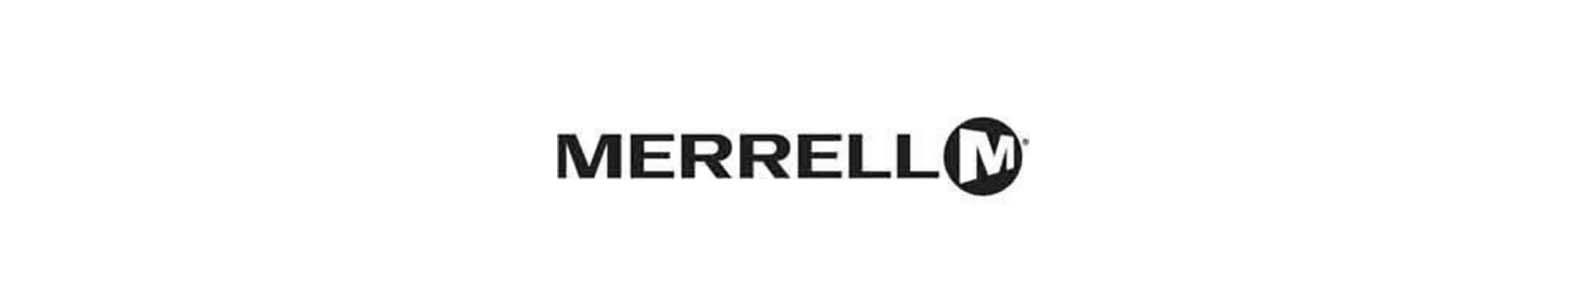 Merrell brand header image